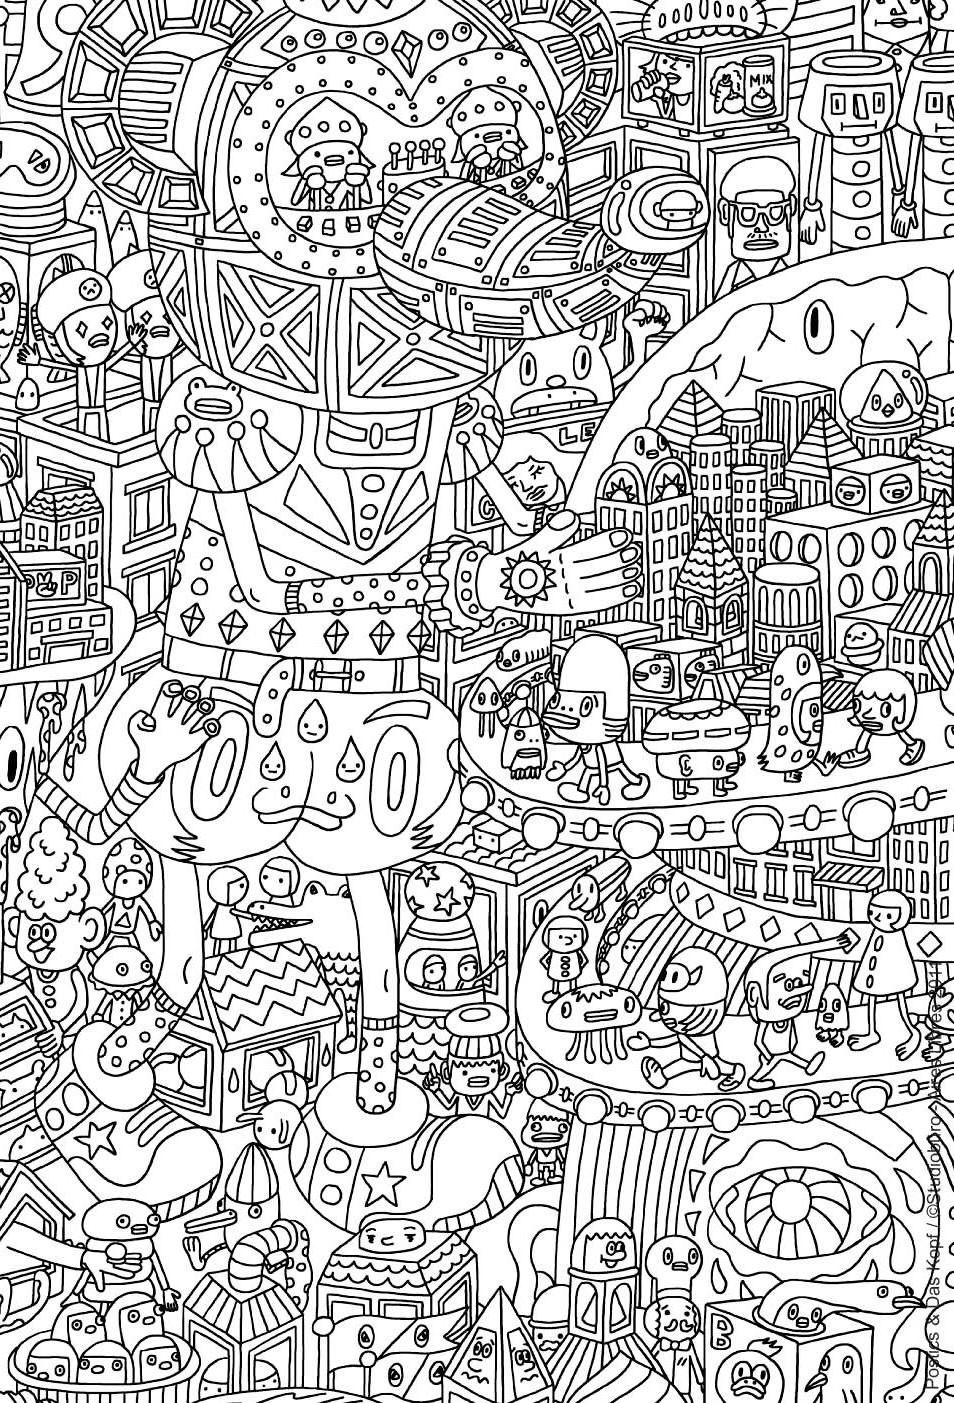 Doodle Art 6 L arrivée du robot souris géant